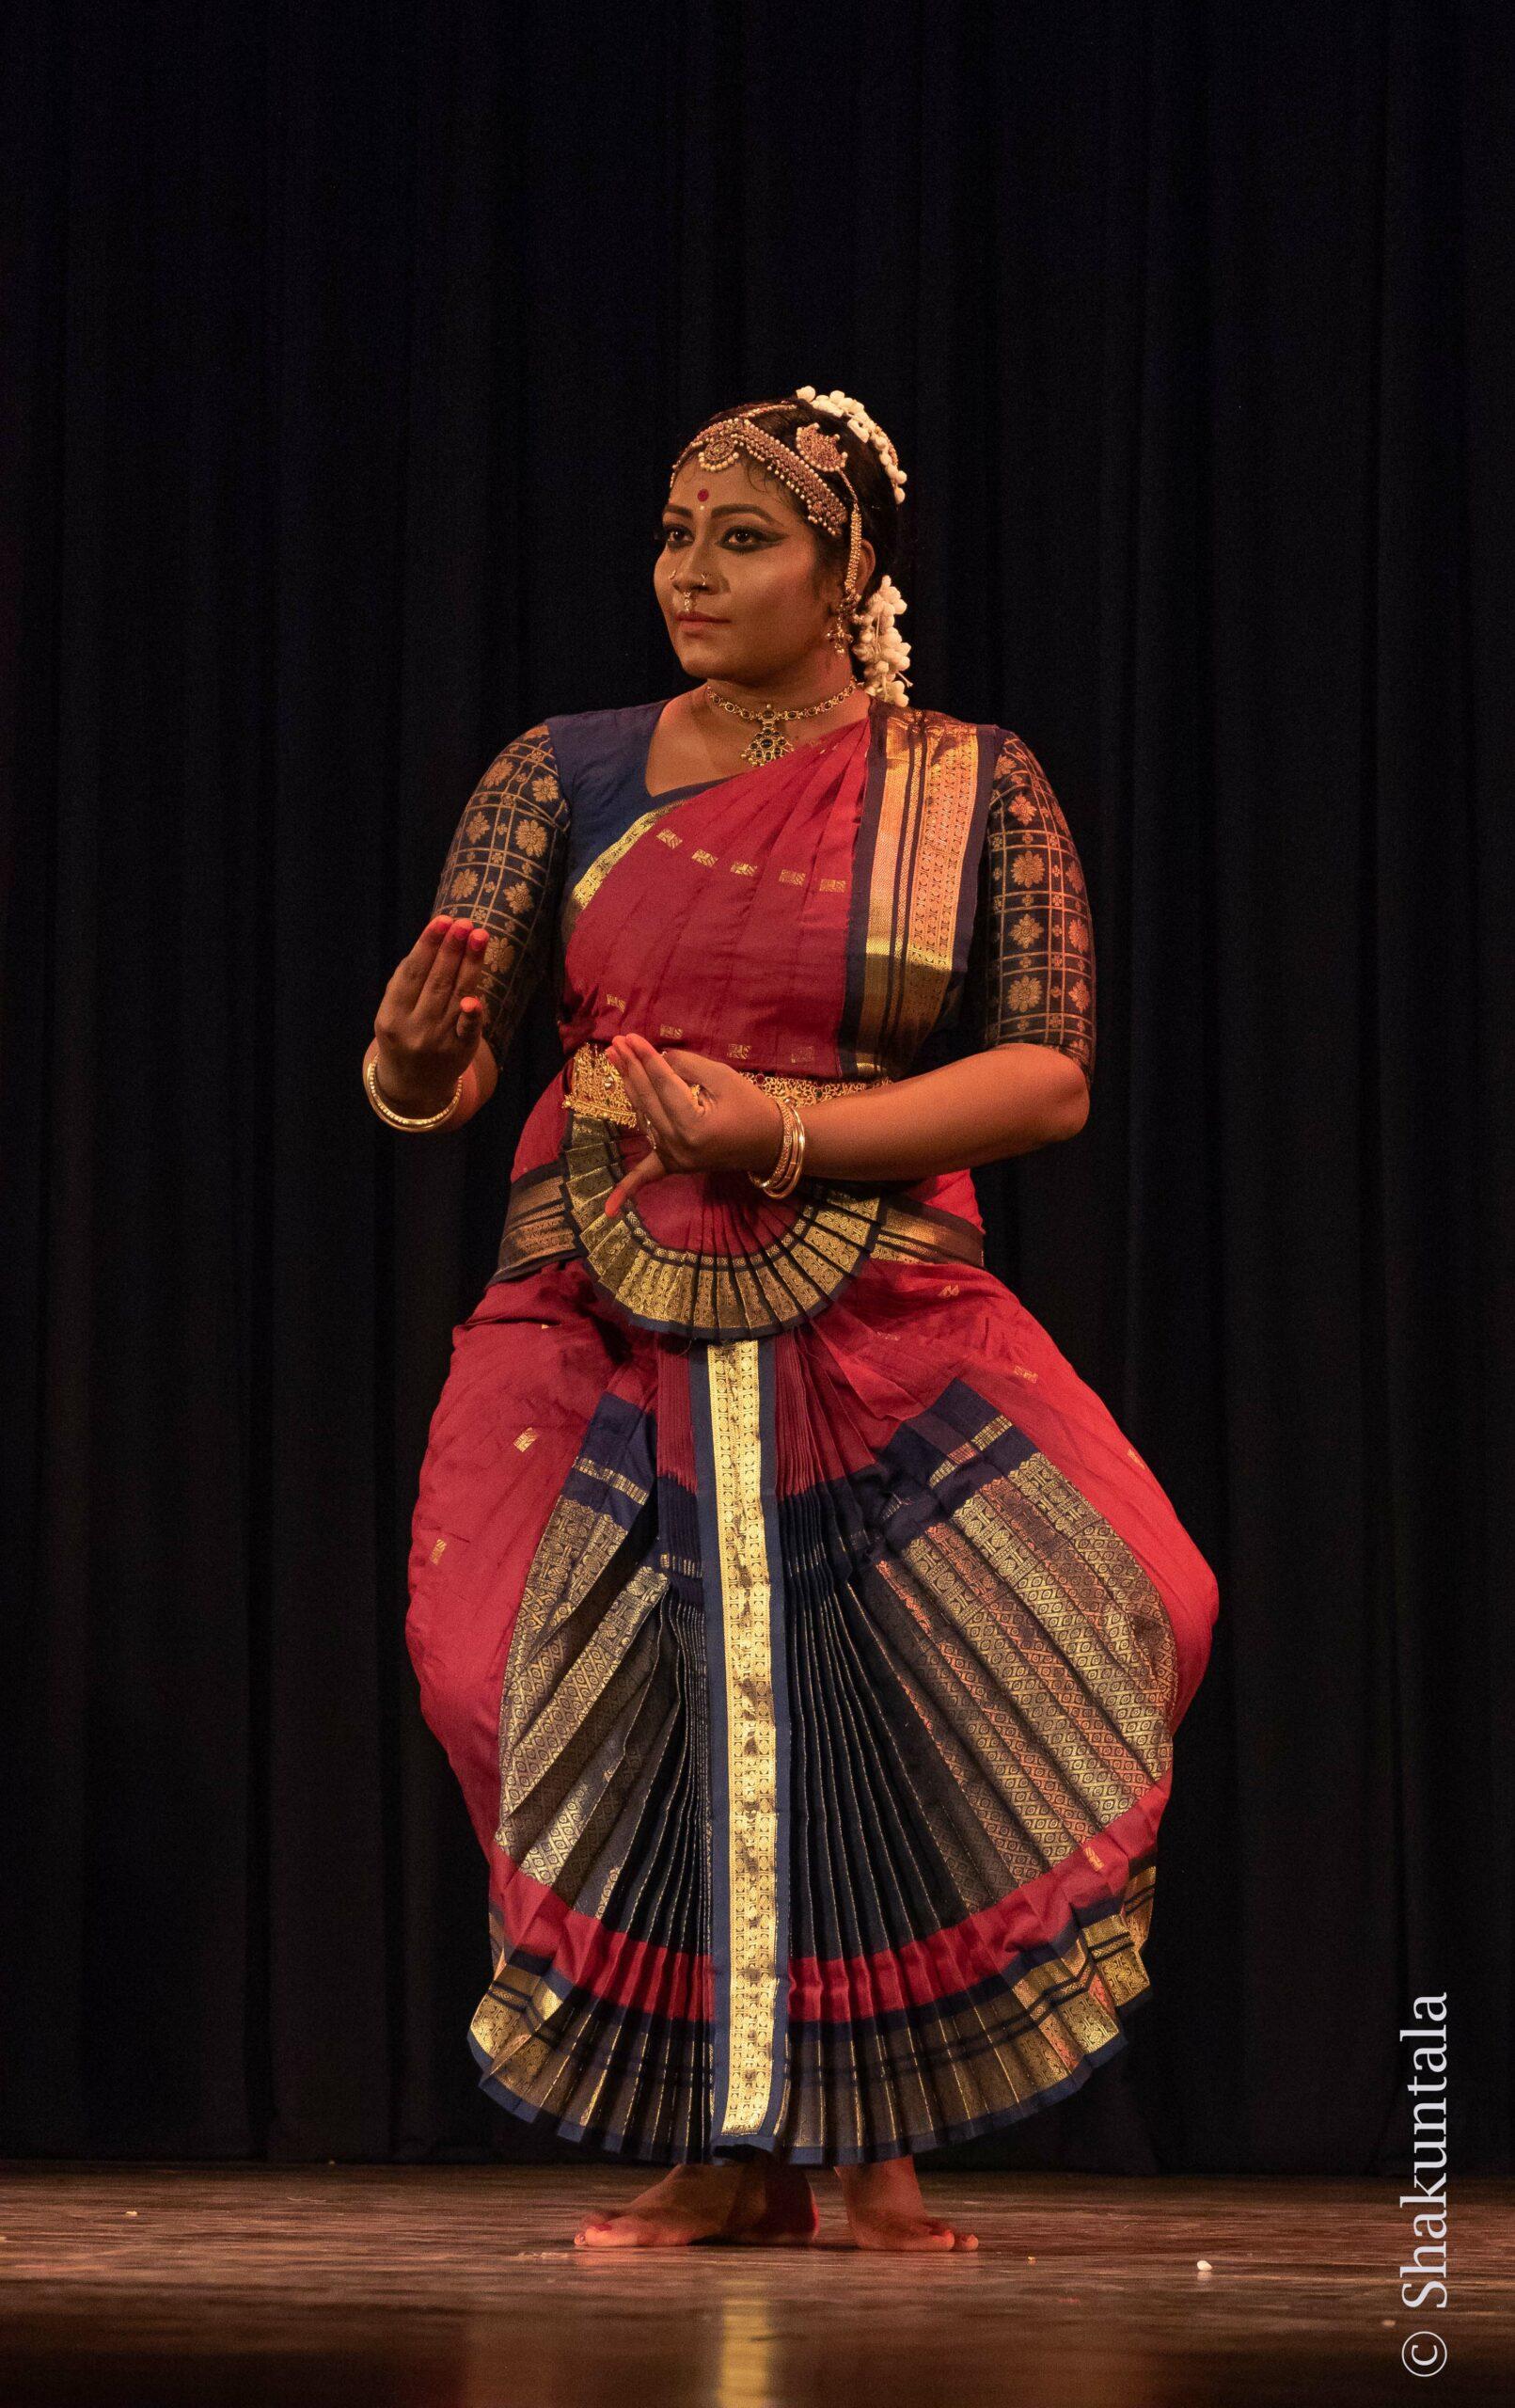 Indian Bharathanatyam dancer gesturing